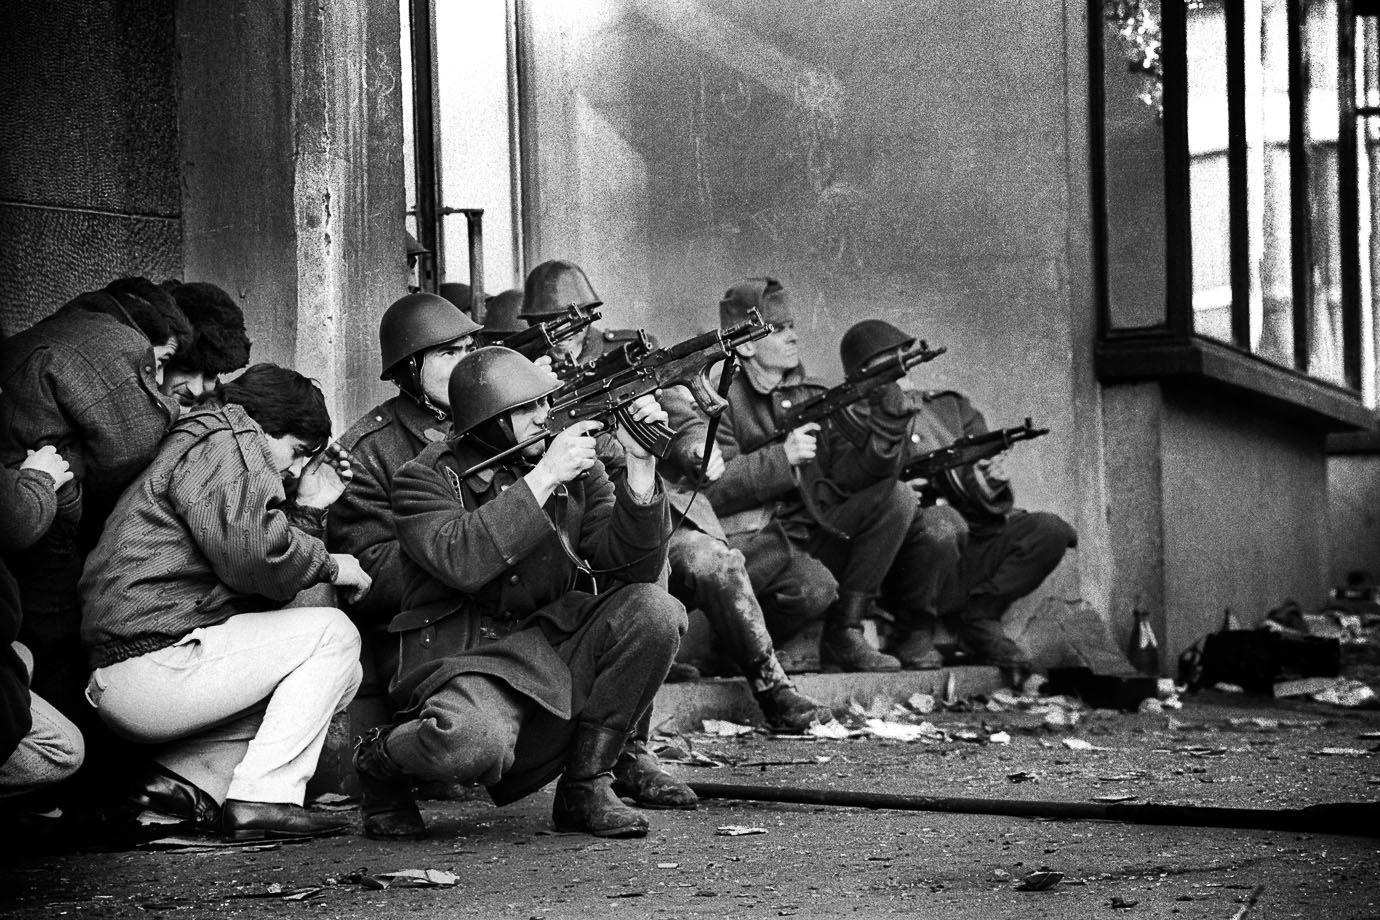 După 30 de ani de când am ținut o armă în mână și credeam că teroriștii coboară din troleibuz